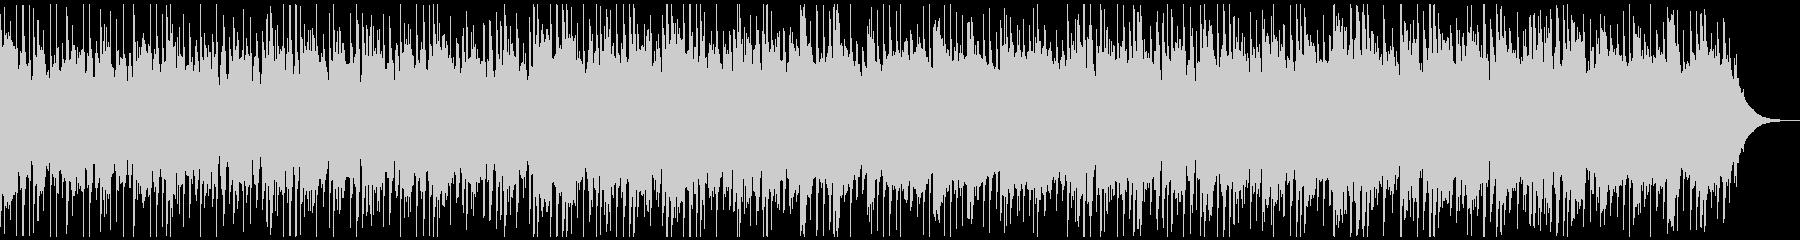 コーポレート テクノロジー 弦楽器...の未再生の波形